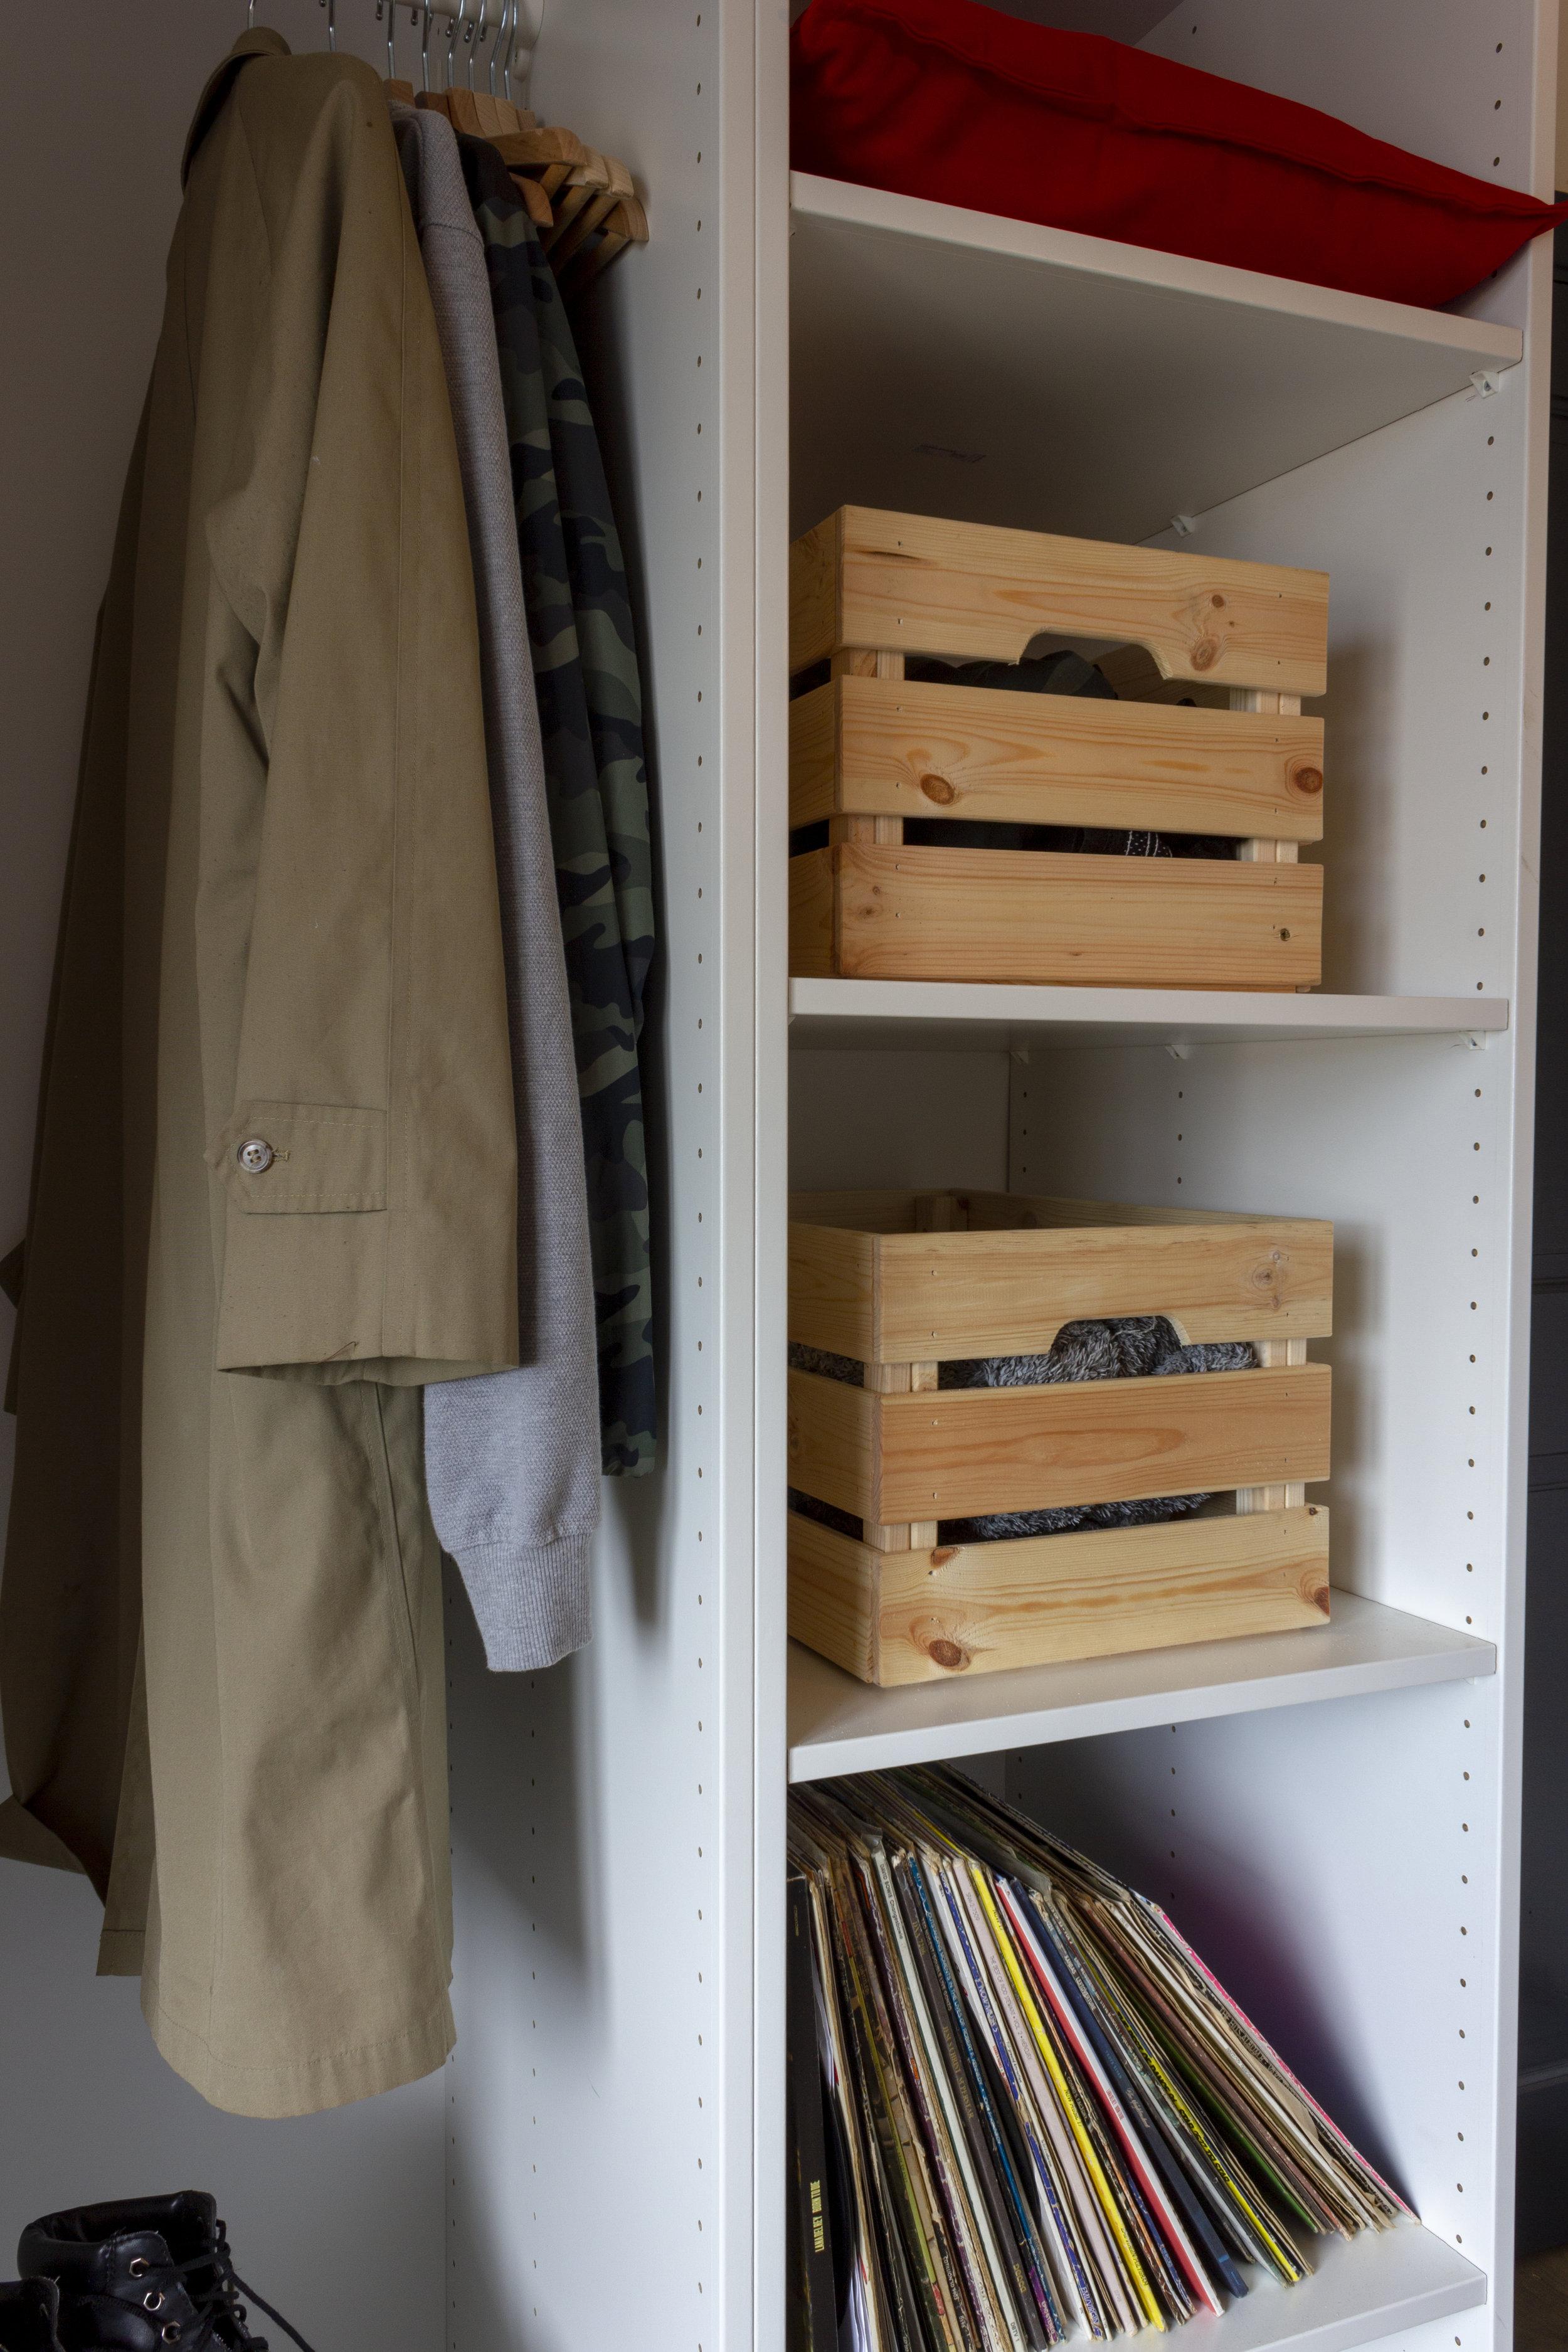 HR - Laytown - After - Bedroom 9.jpg